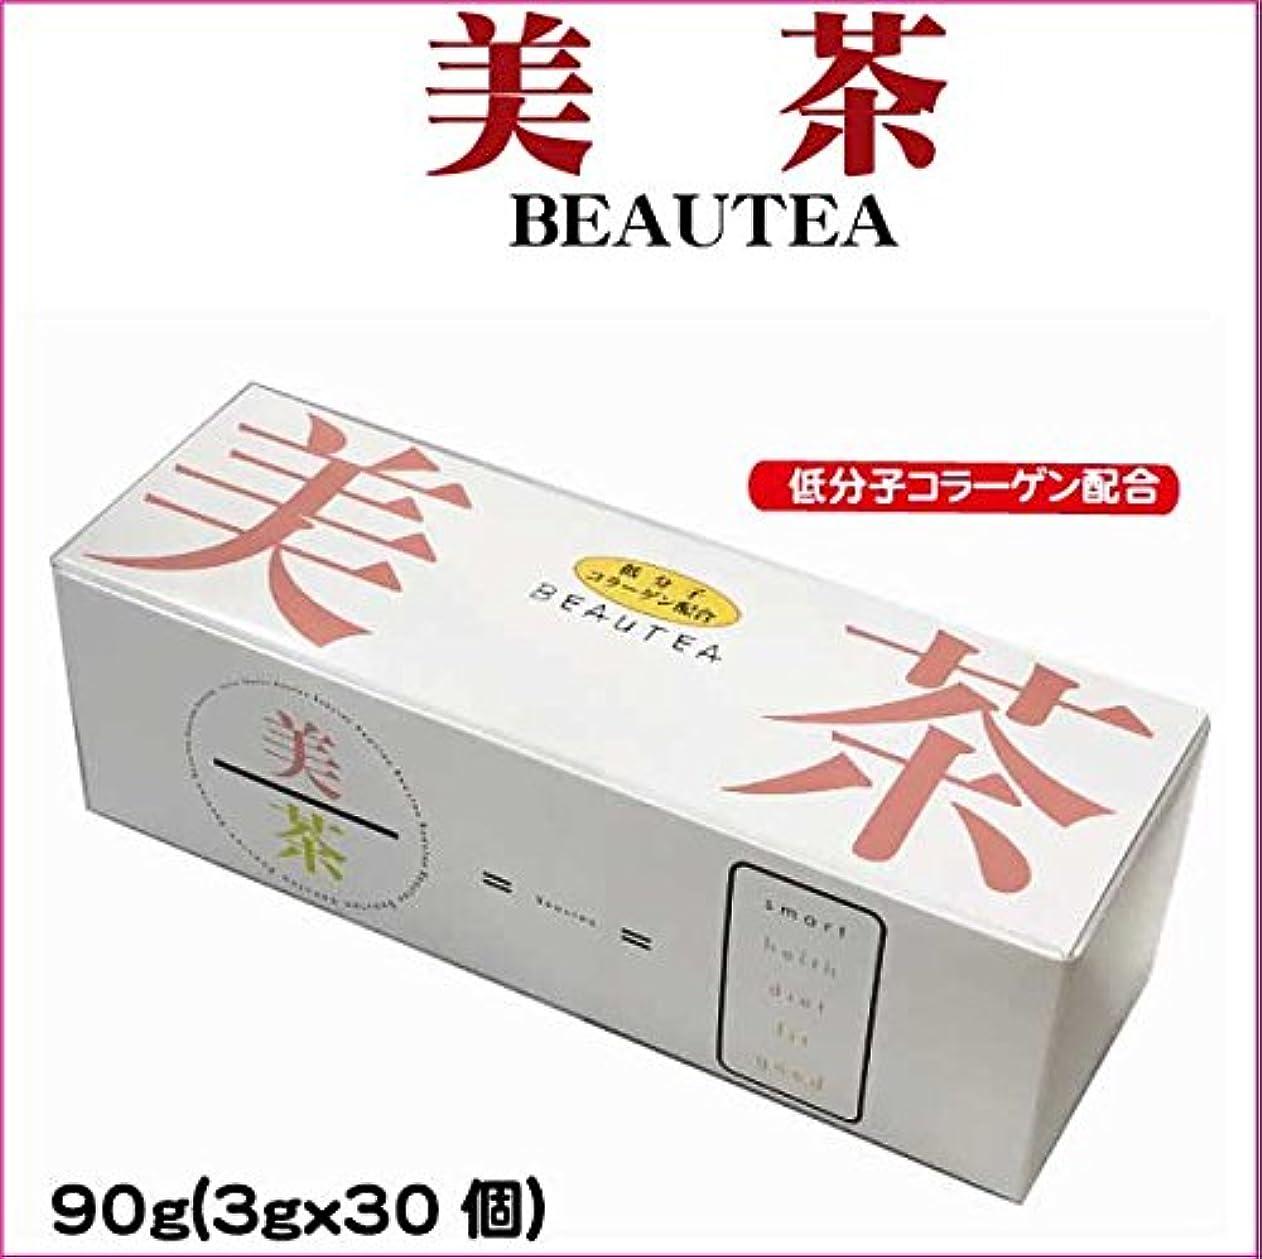 サーキュレーションペチュランス良さダイエット茶  美茶(beautea)  ほうじ茶ベース?3gX30包み 1箱